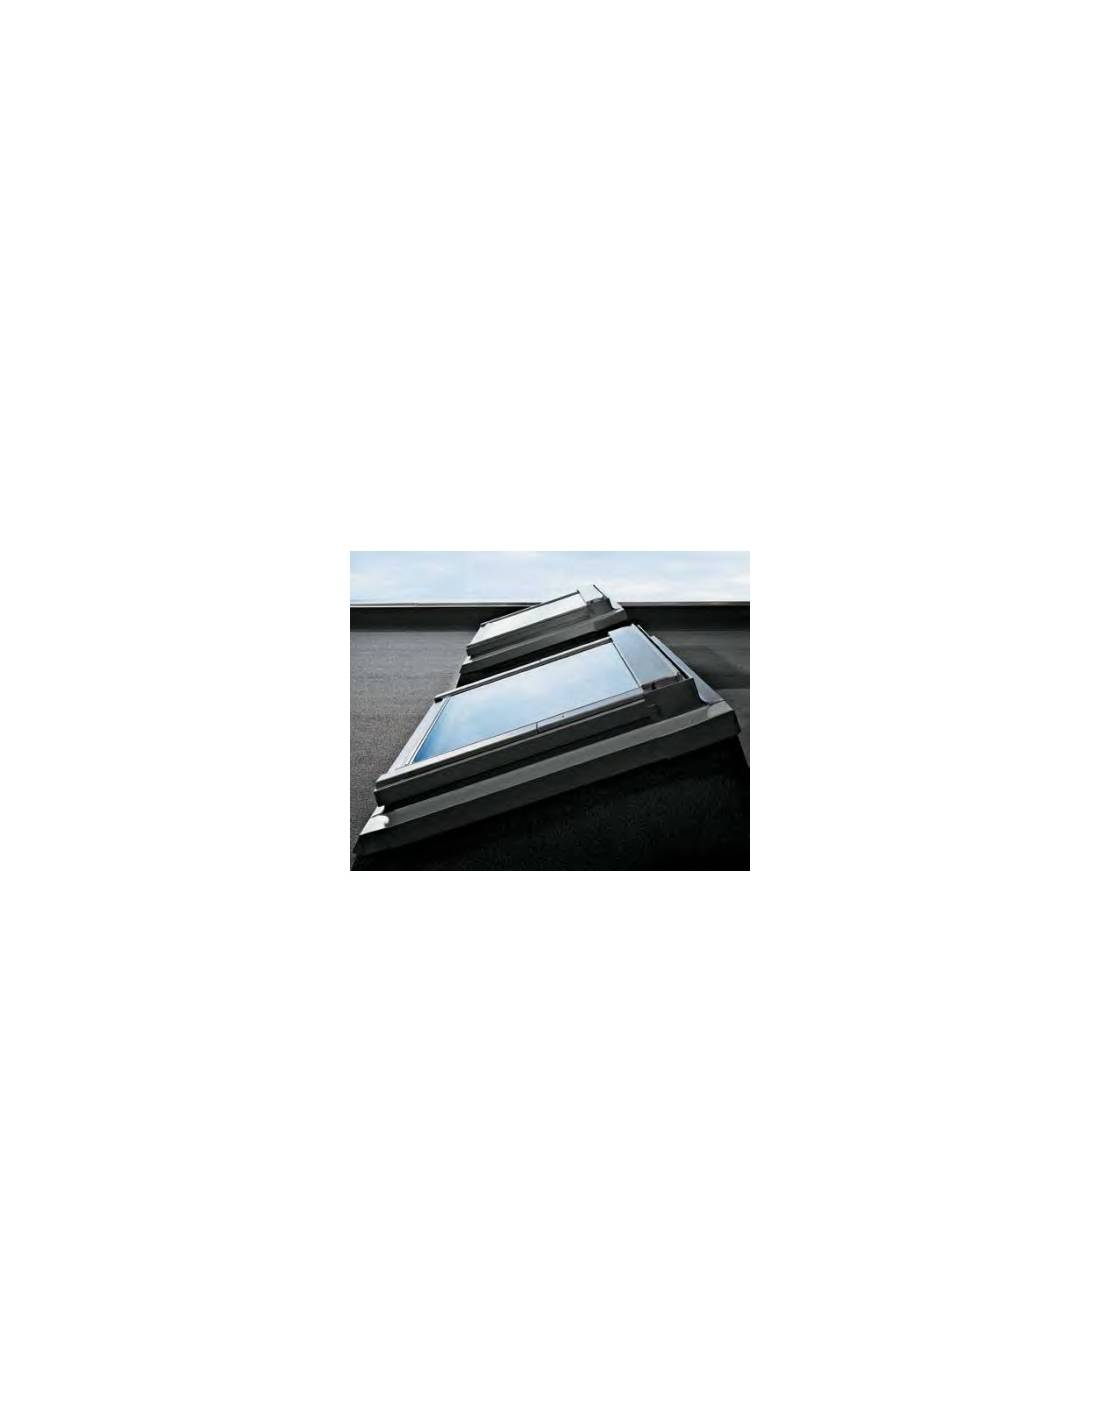 Velux ecx raccordo per tetti piani for Finestra velux ggl 404